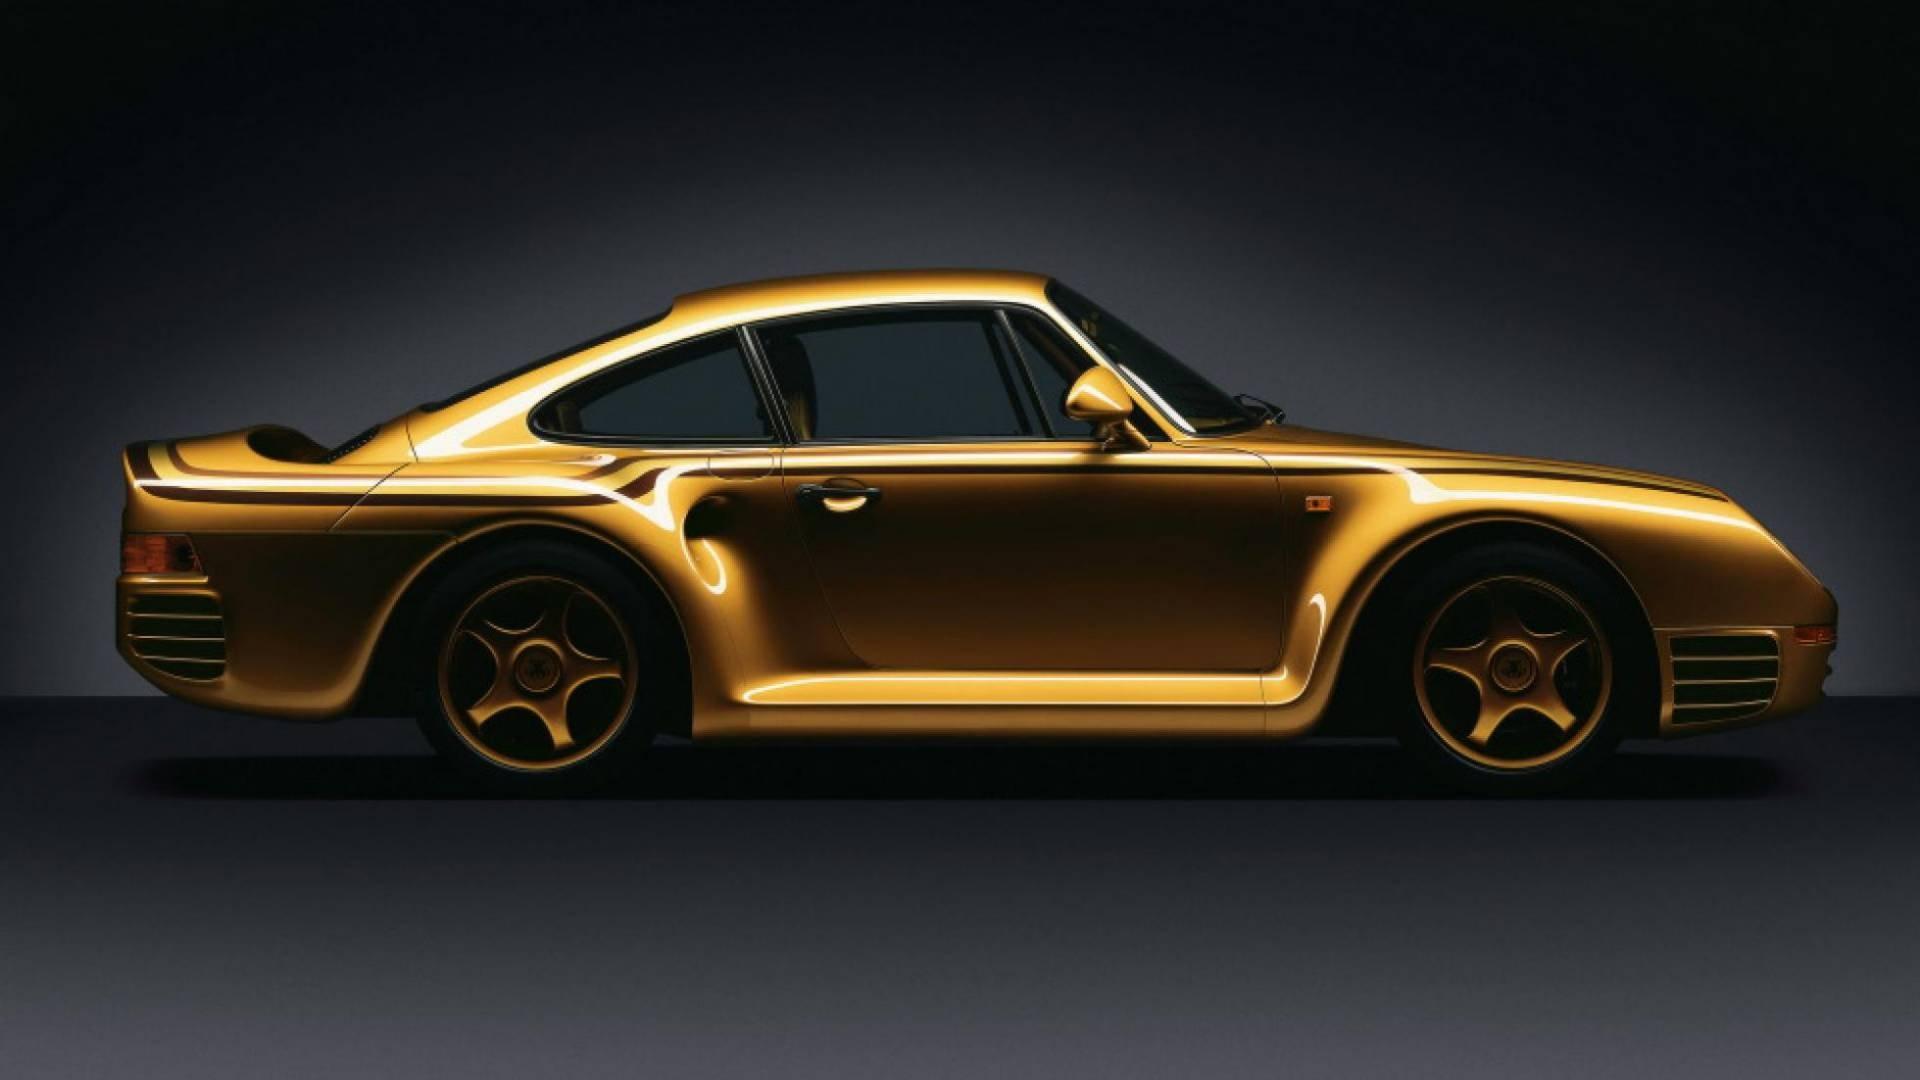 """Porque no hay nada que diga tanto """"me sobra el dinero"""" que tener un Porsche 959 dorado"""